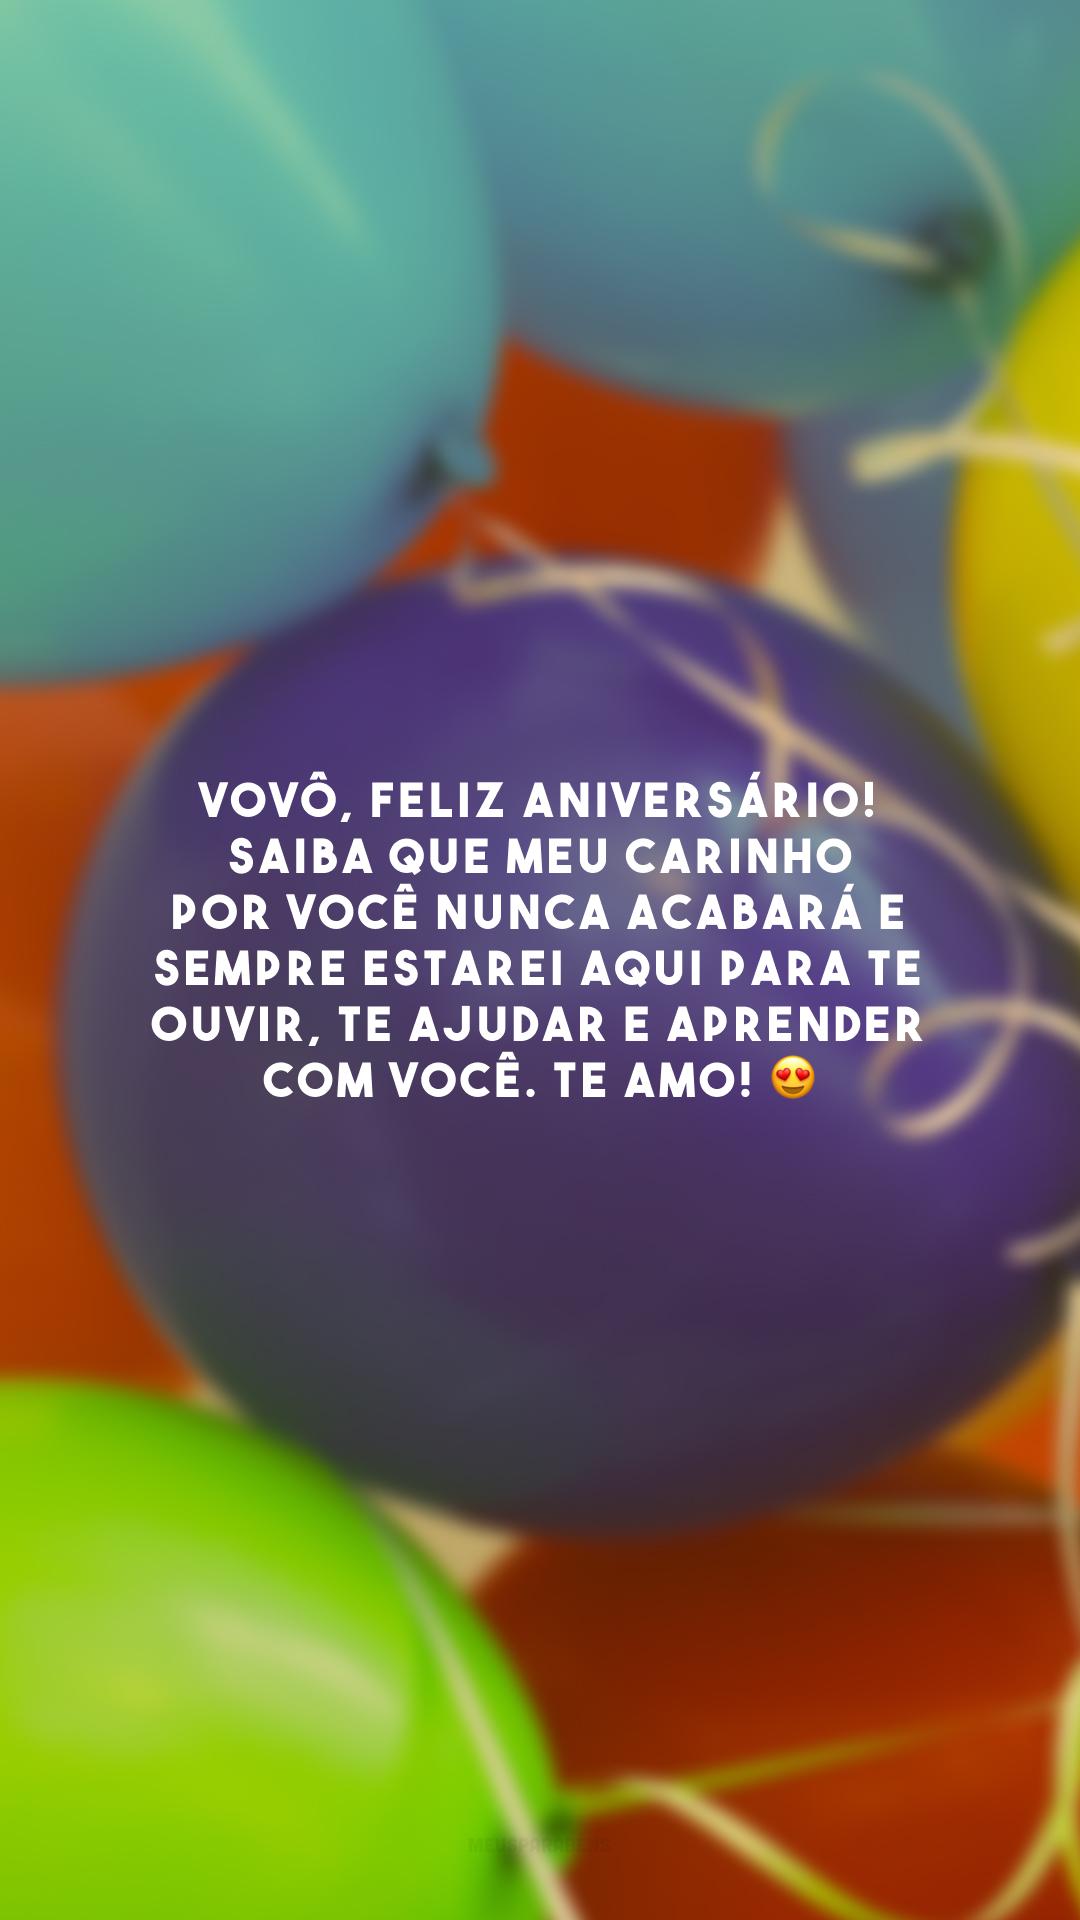 Vovô, feliz aniversário! Saiba que meu carinho por você nunca acabará e sempre estarei aqui para te ouvir, te ajudar e aprender com você. Te amo! 😍